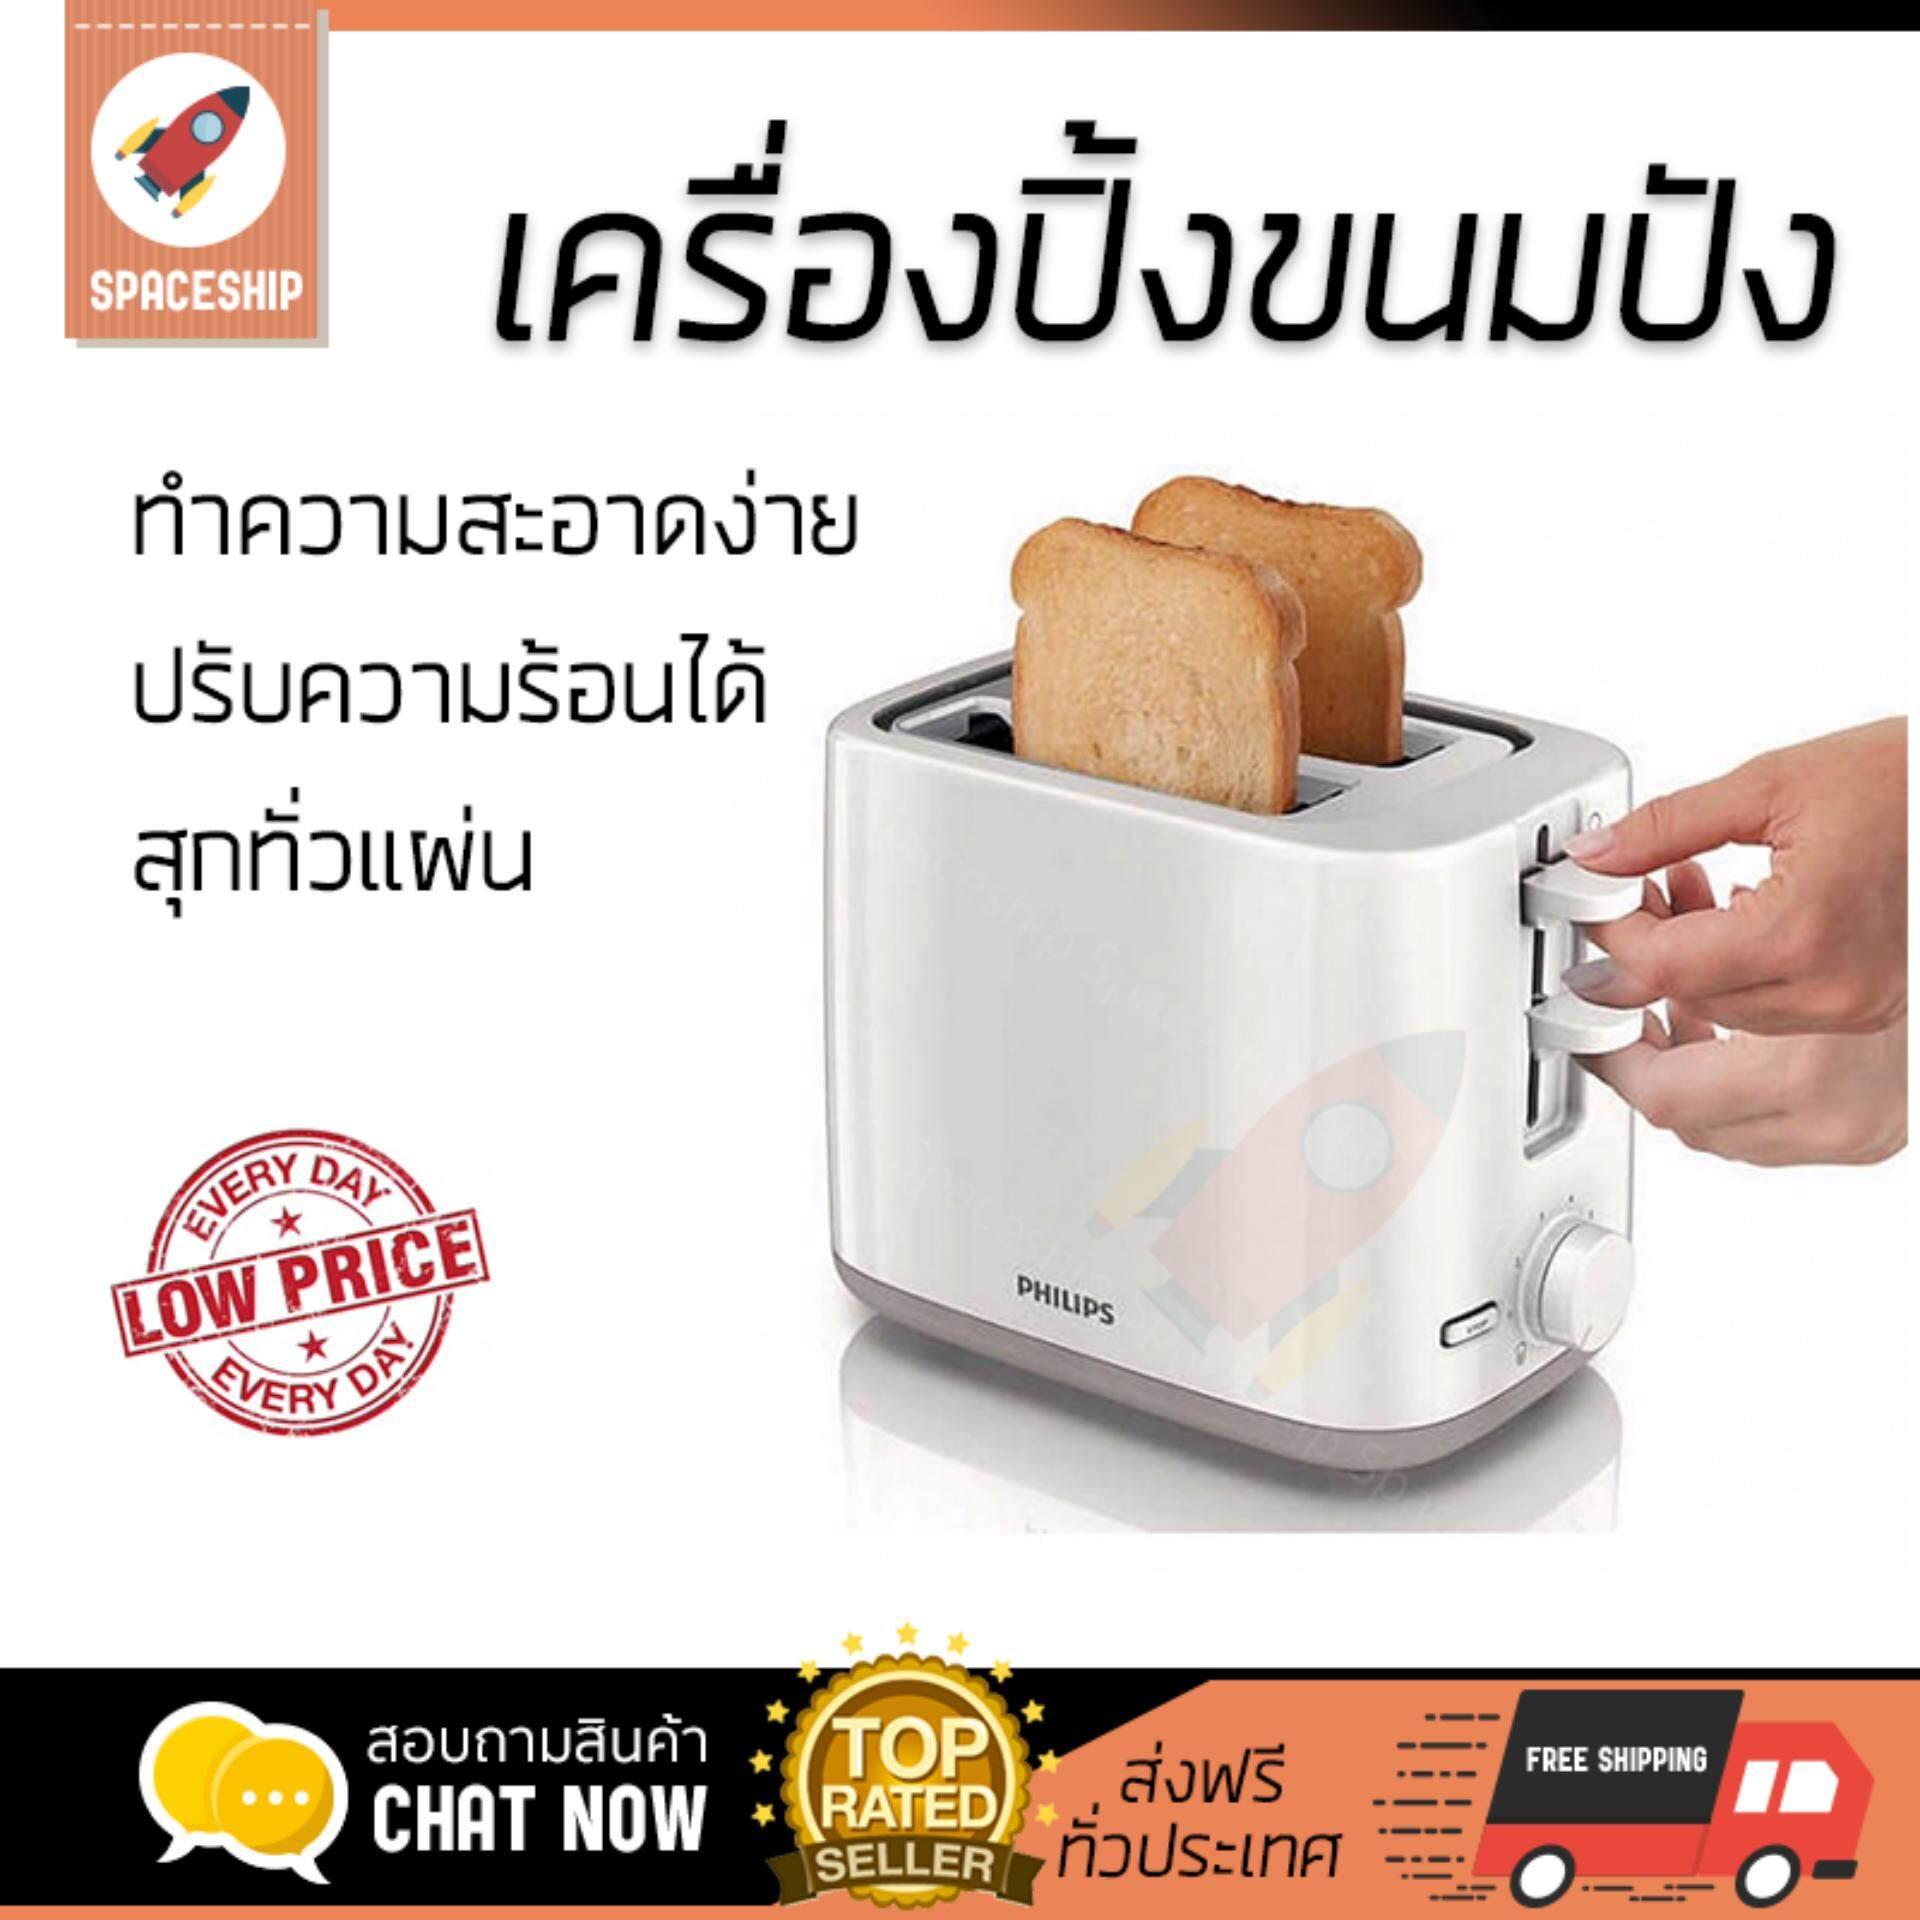 โปรโมชัน            PHILIPS เครื่องปิ้งขนมปัง รุ่น HD2581/00             สุกทั่วแผ่น ไม่ไหม้ ปรับระดับความร้อนได้ รับประกันสินค้า 1 ปี จัดส่งฟรี Kerry ทั่วประเทศ